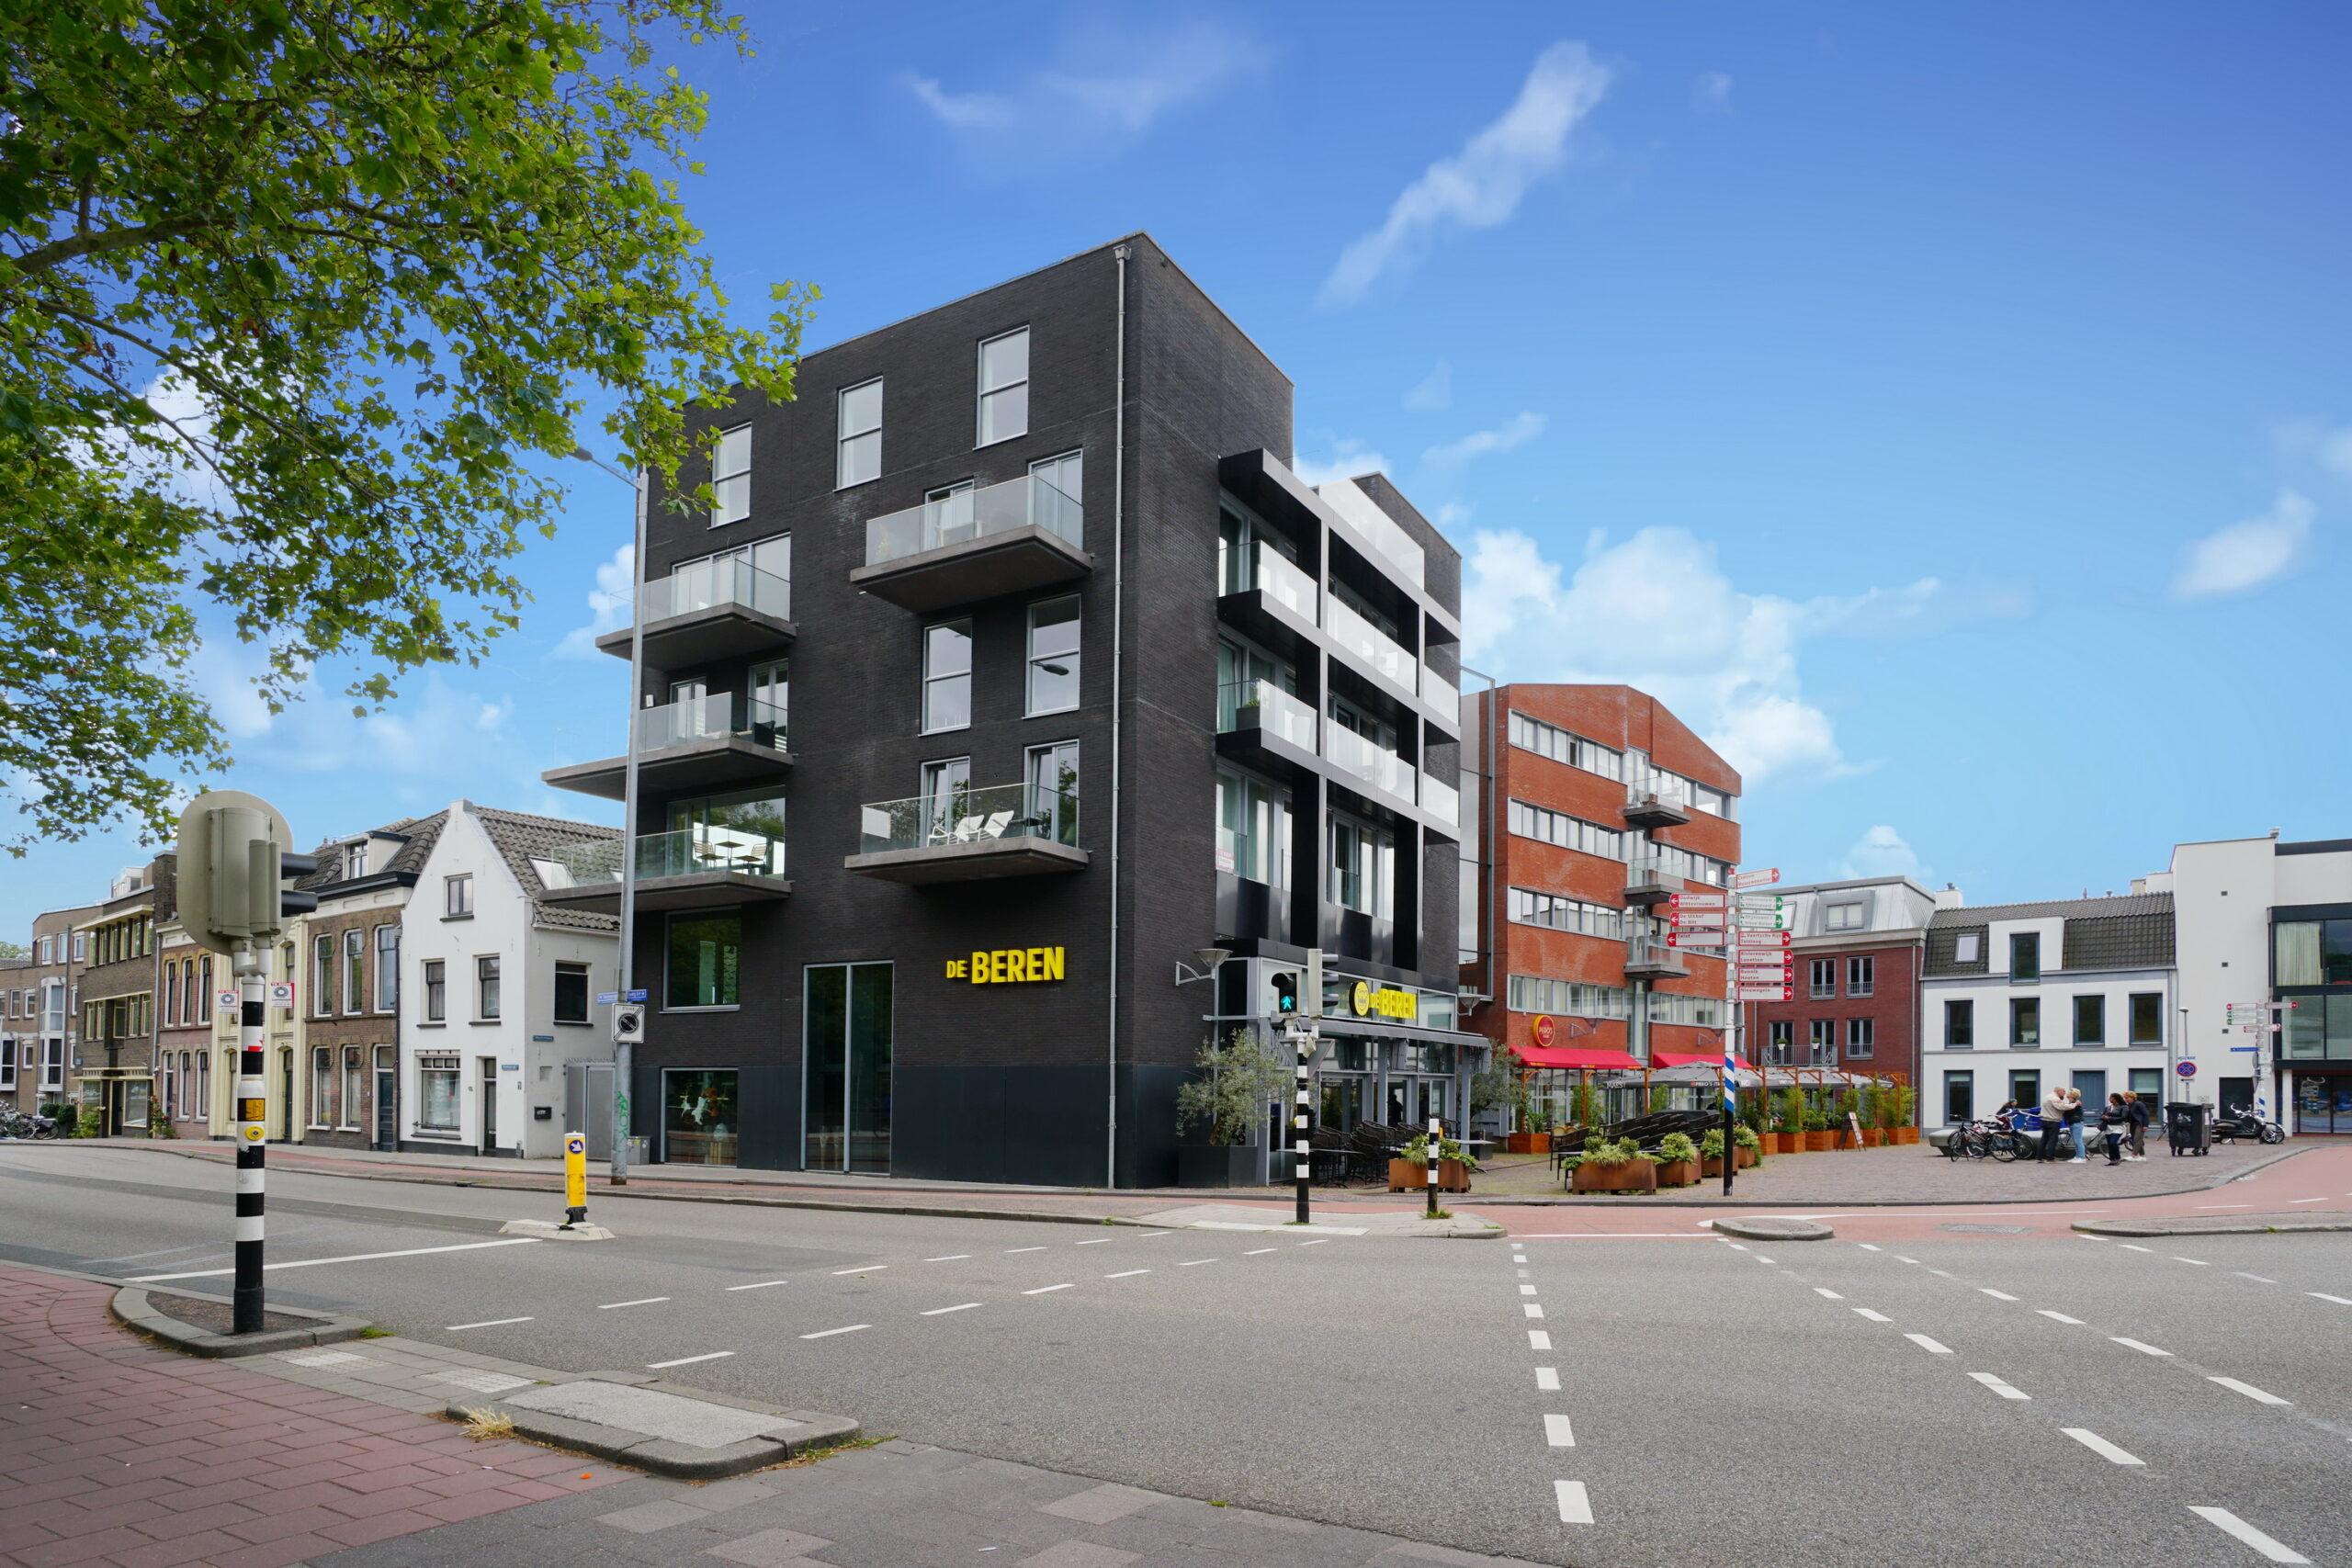 Ledig Erf 26, 3582 EA Utrecht